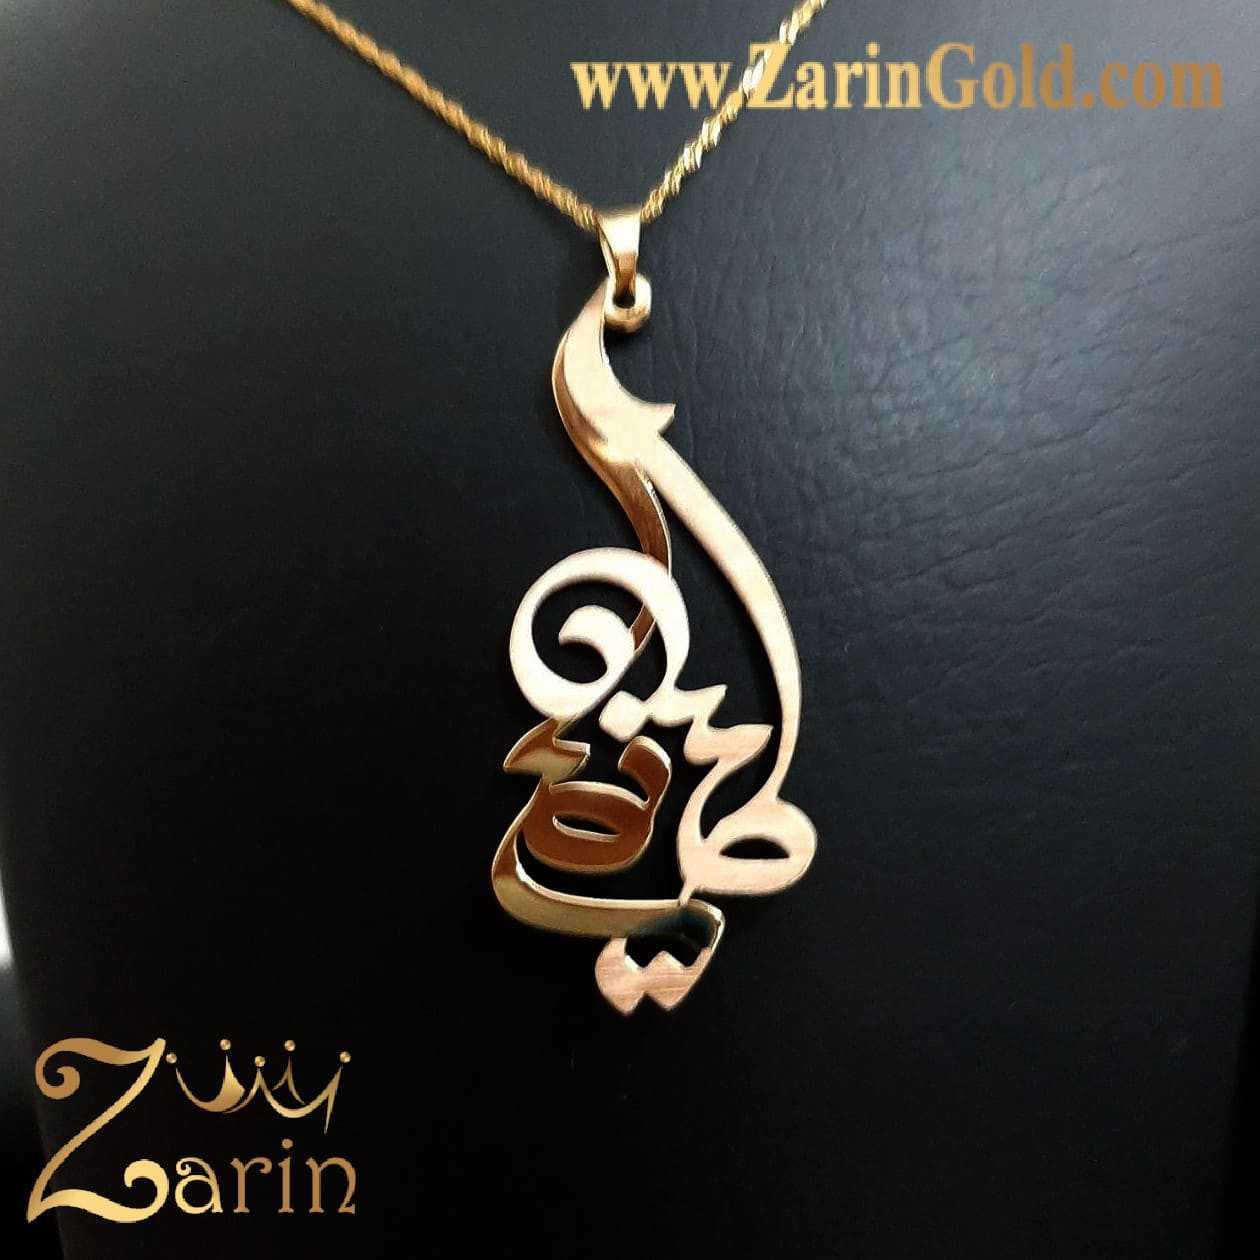 گردنبند طلا فارسی دو اسم طیبه رضا